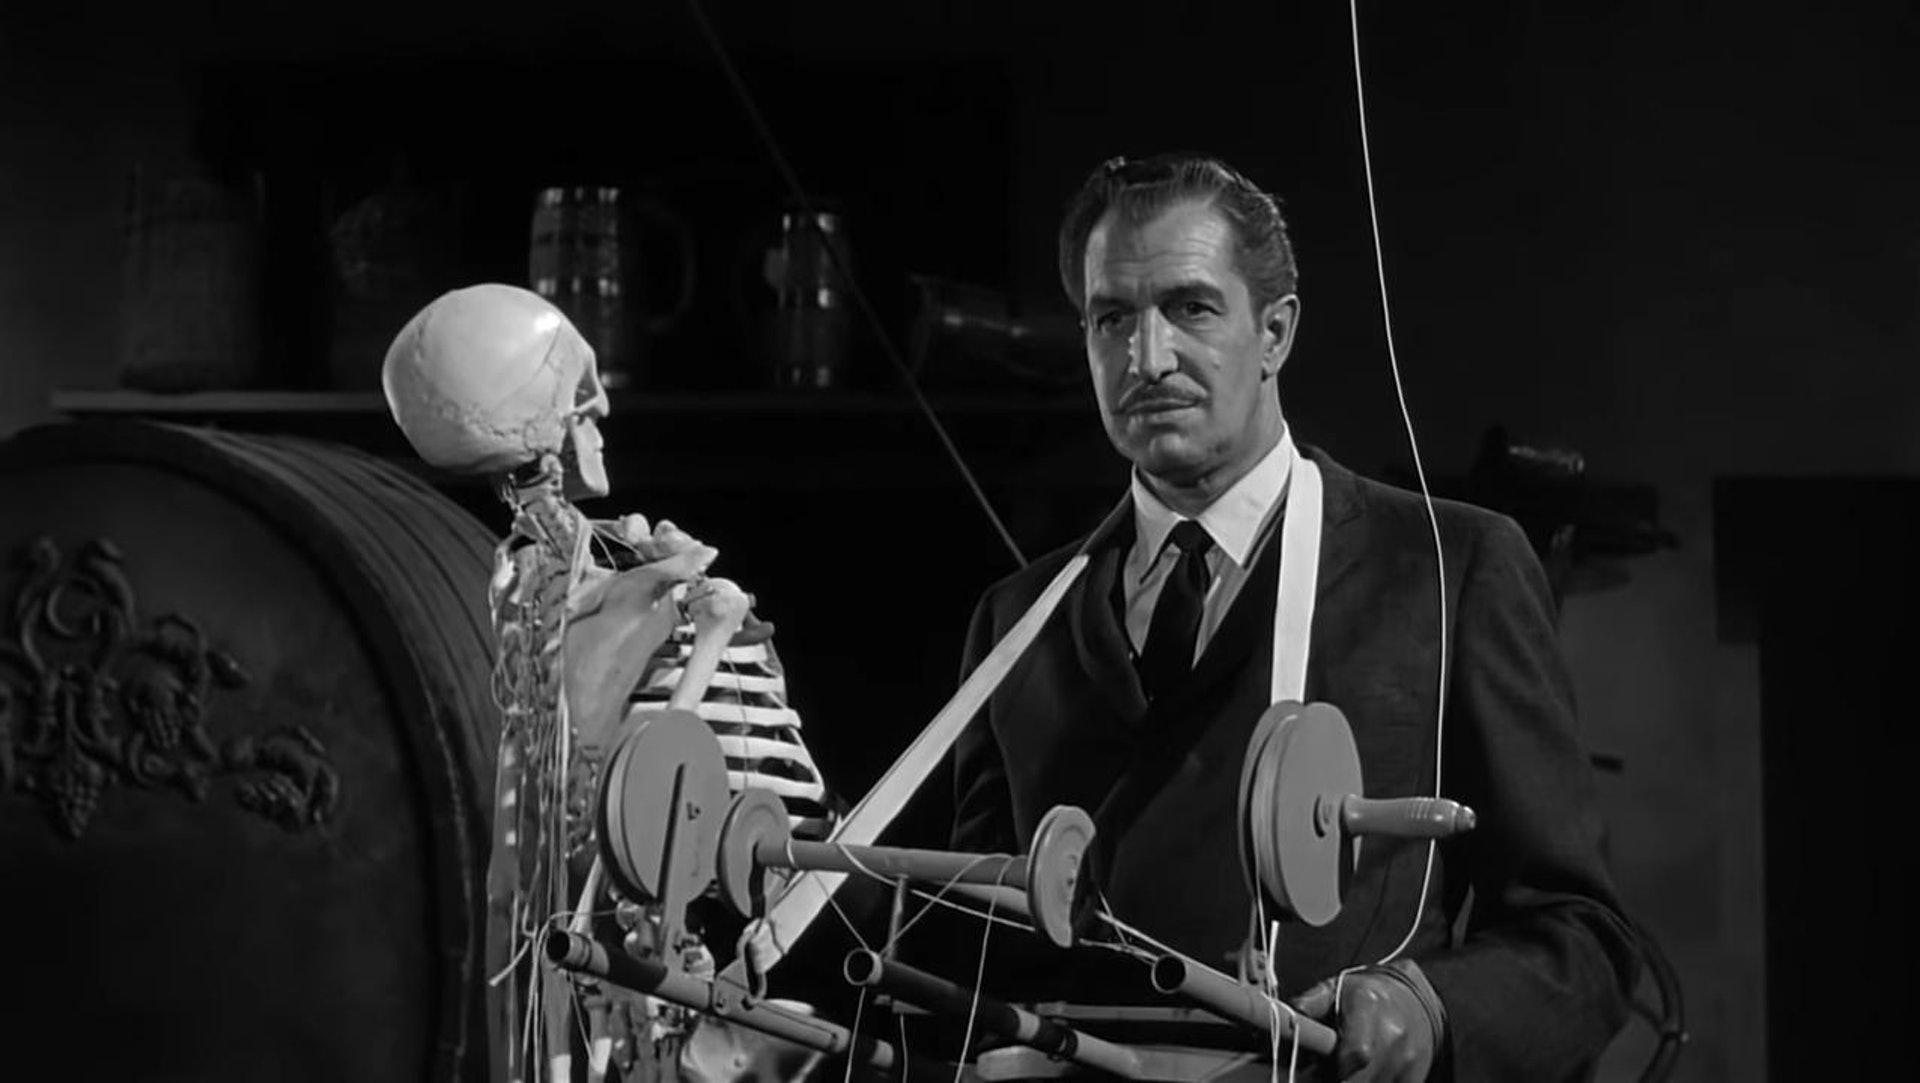 由Vincent Price主演的《House on Haunted Hill》,電影原來當年都使用了真實人骨。(《House on Haunted Hill》劇照)